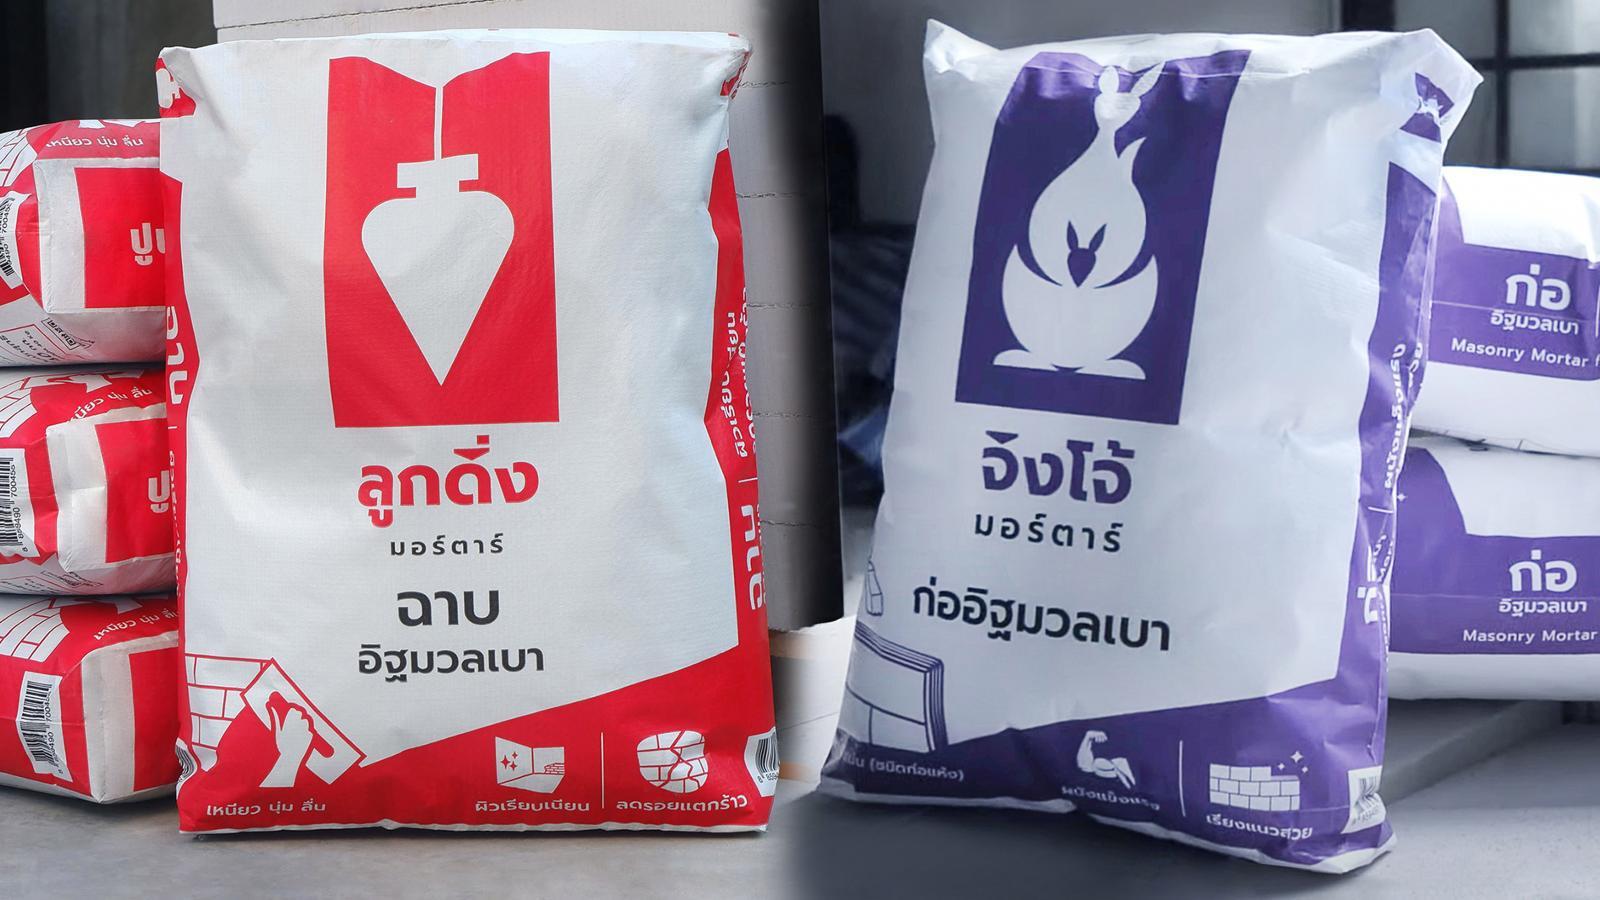 """""""ปูนลูกดิ่ง-ปูนจิงโจ้"""" ผู้นำนวัตกรรมปูนก่อ-ฉาบอิฐมวลเบาเจ้าแรกของไทย ชูภาพลักษณ์ใหม่เน้นสื่อสารง่าย ปรับโฉมแพ็กเกจใหม่ใช้งานสะดวกขึ้น"""